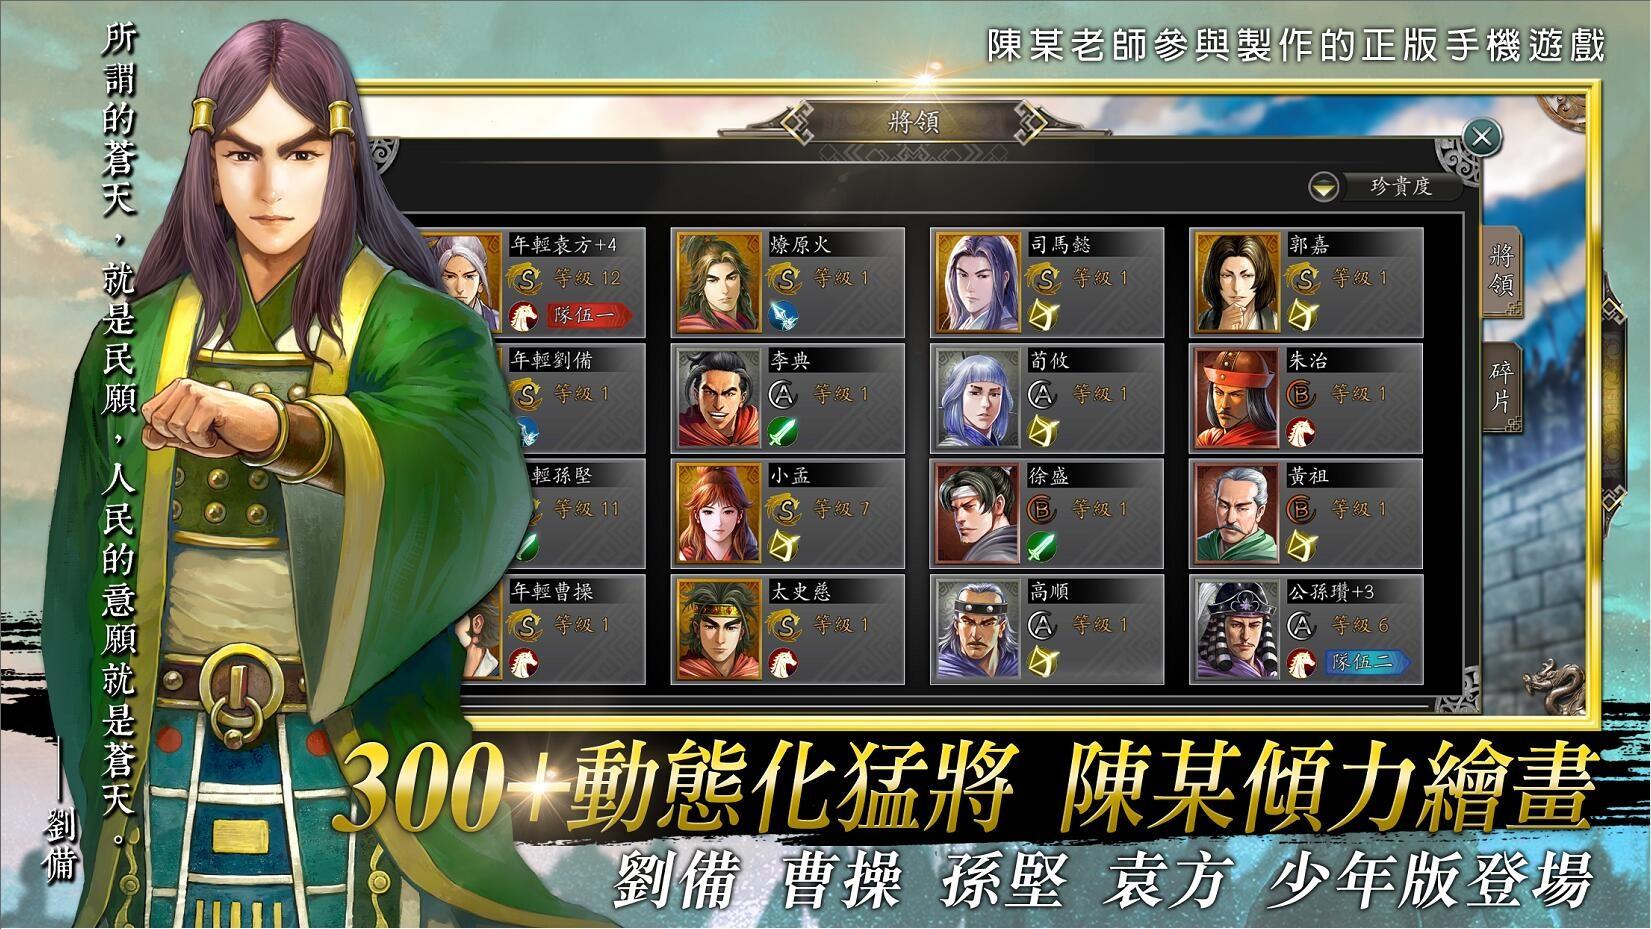 《新火鳳燎原 亂世英雄》雙平台開放下載 登錄就送陳某繪製少年英雄及「燎原火」